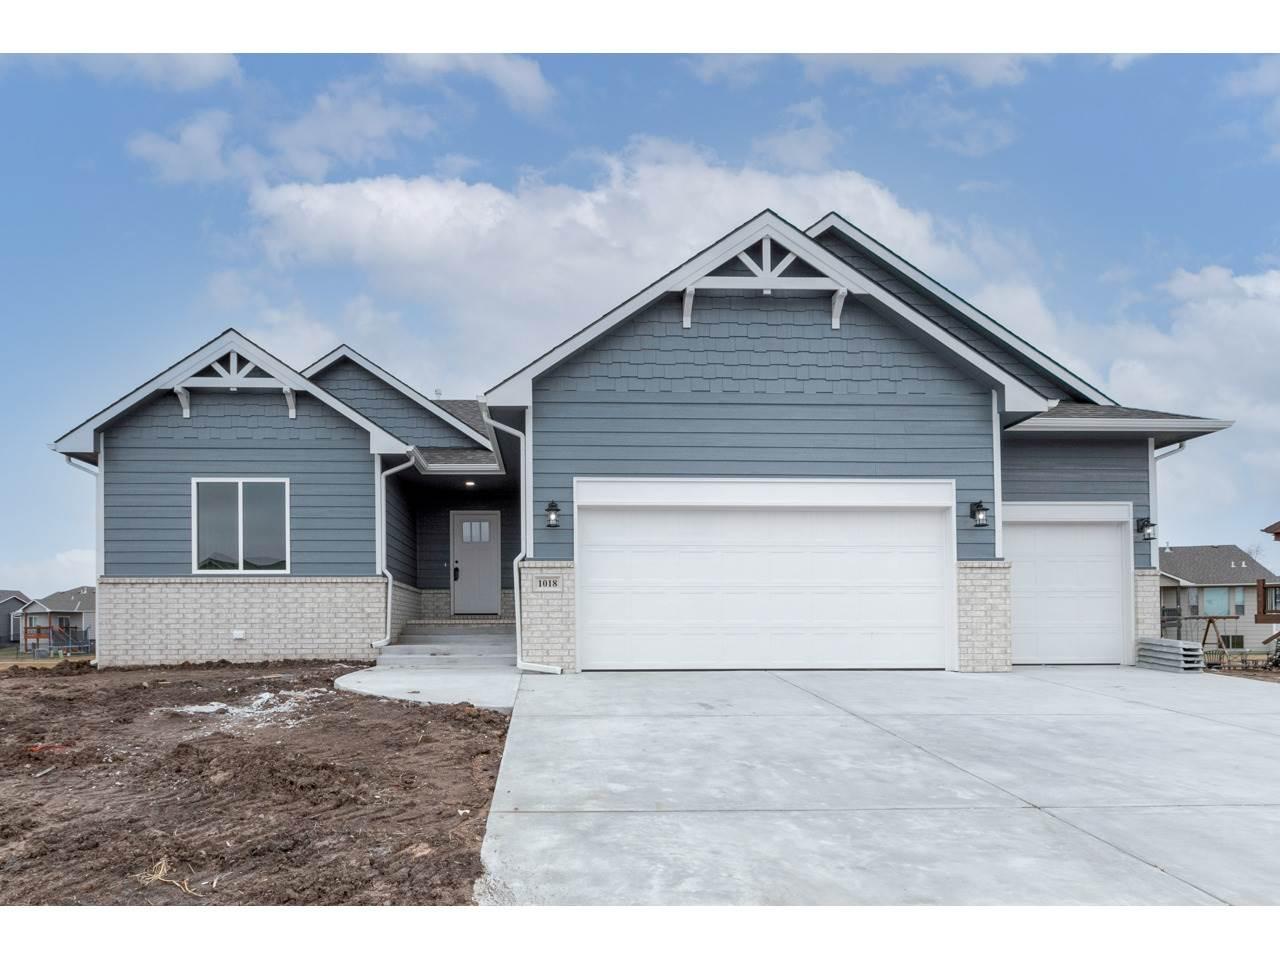 1018 N Forestview St, Wichita, KS, 67235